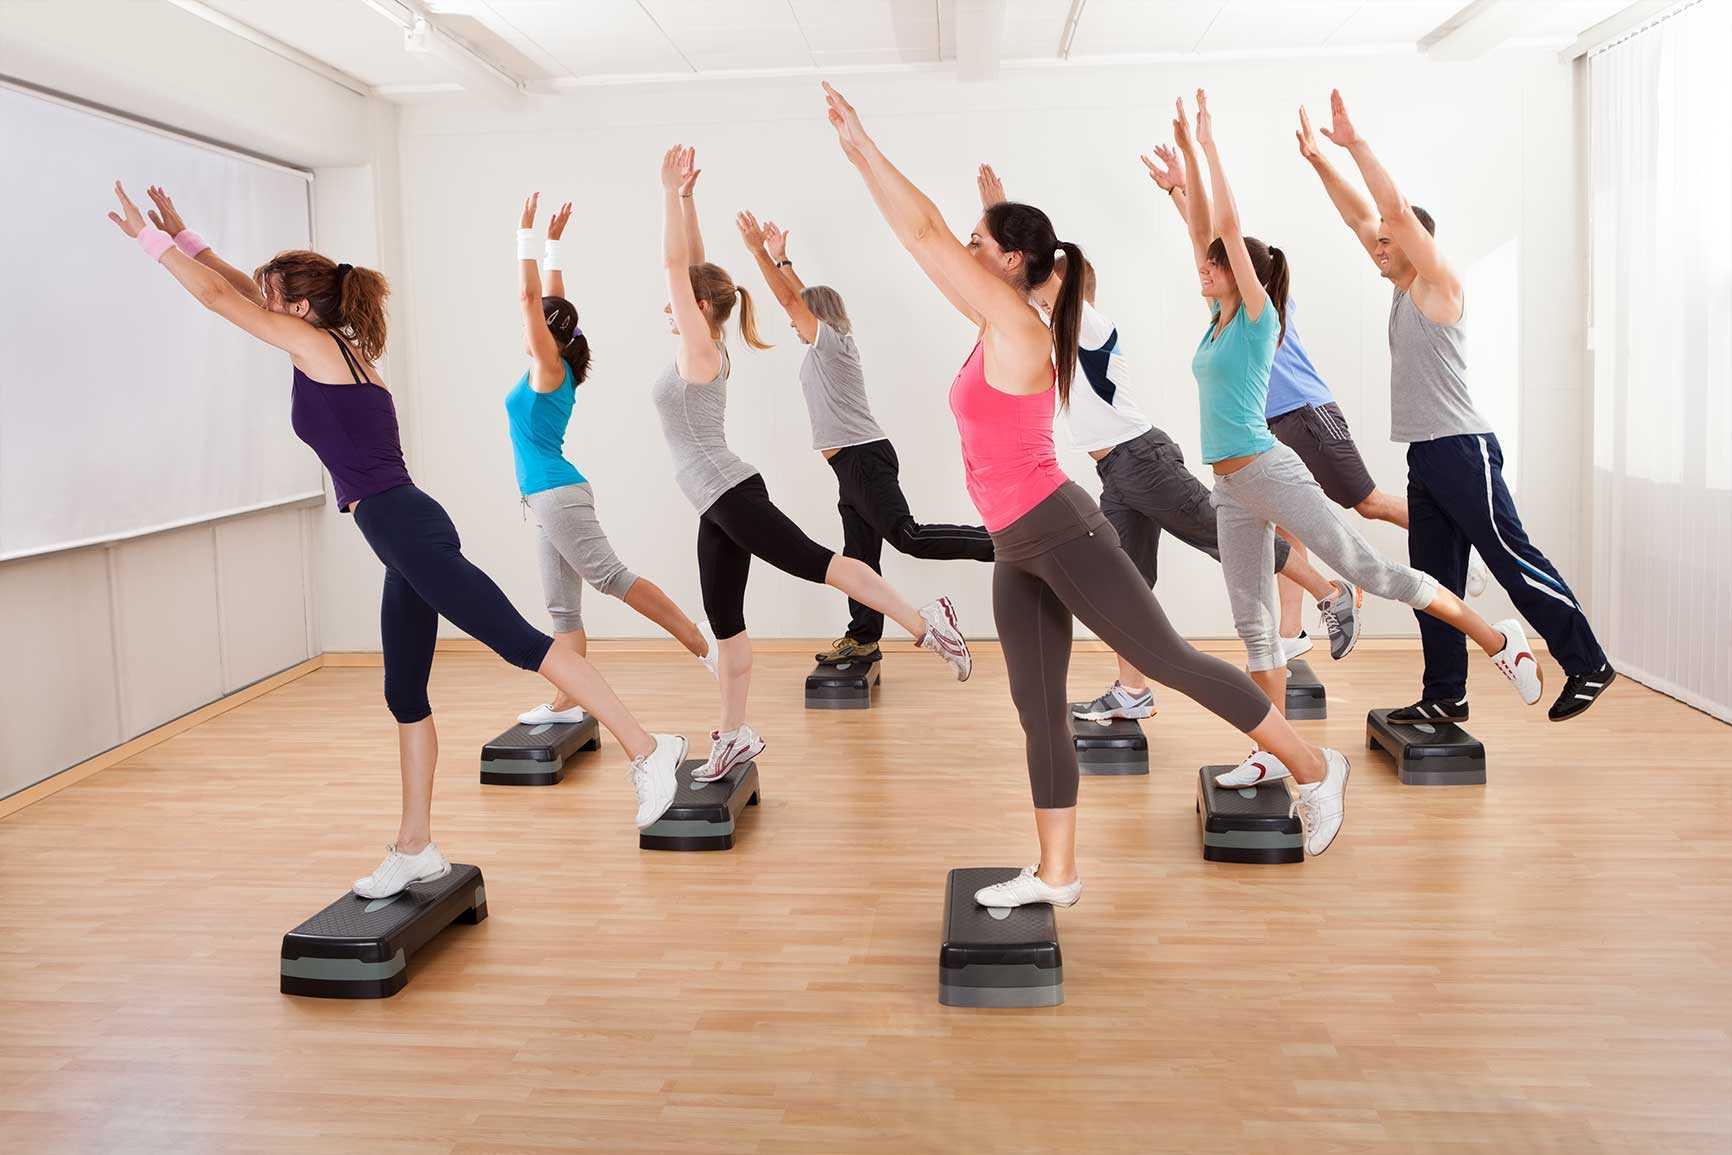 Степ-платформа: как выбрать + 20 упражнений (с фото)